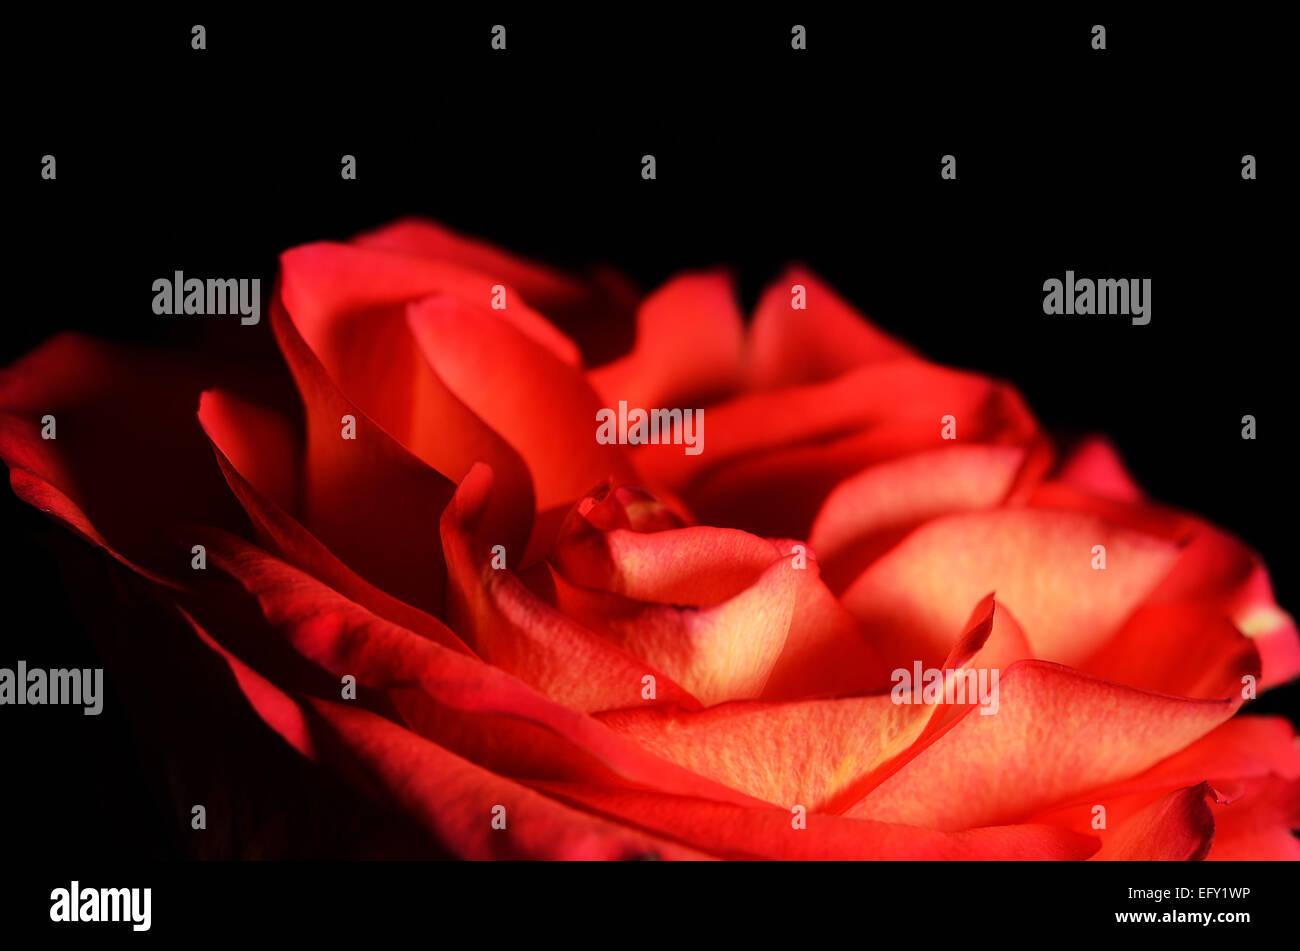 Primo Piano Di Una Rosa Rossa Foto Immagine Stock 78655522 Alamy